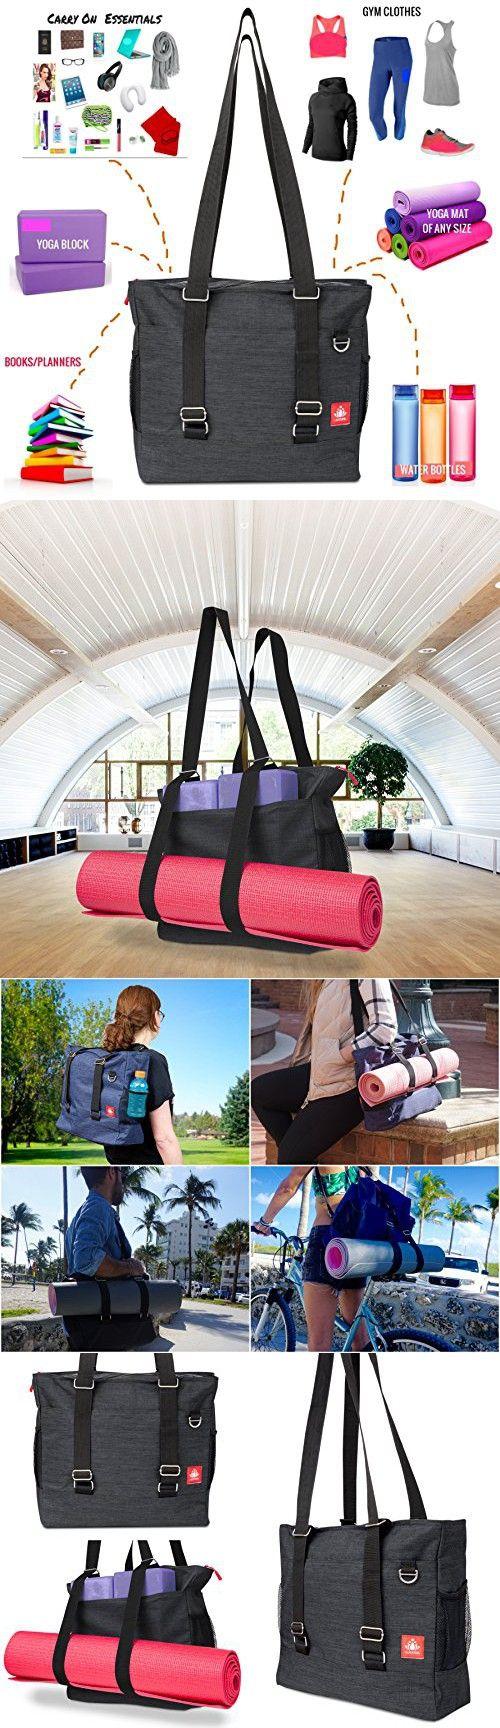 749707da45 LUCKAYA Yoga Mat Tote bag Backpack  Multi Purpose Carryall Bag For Office